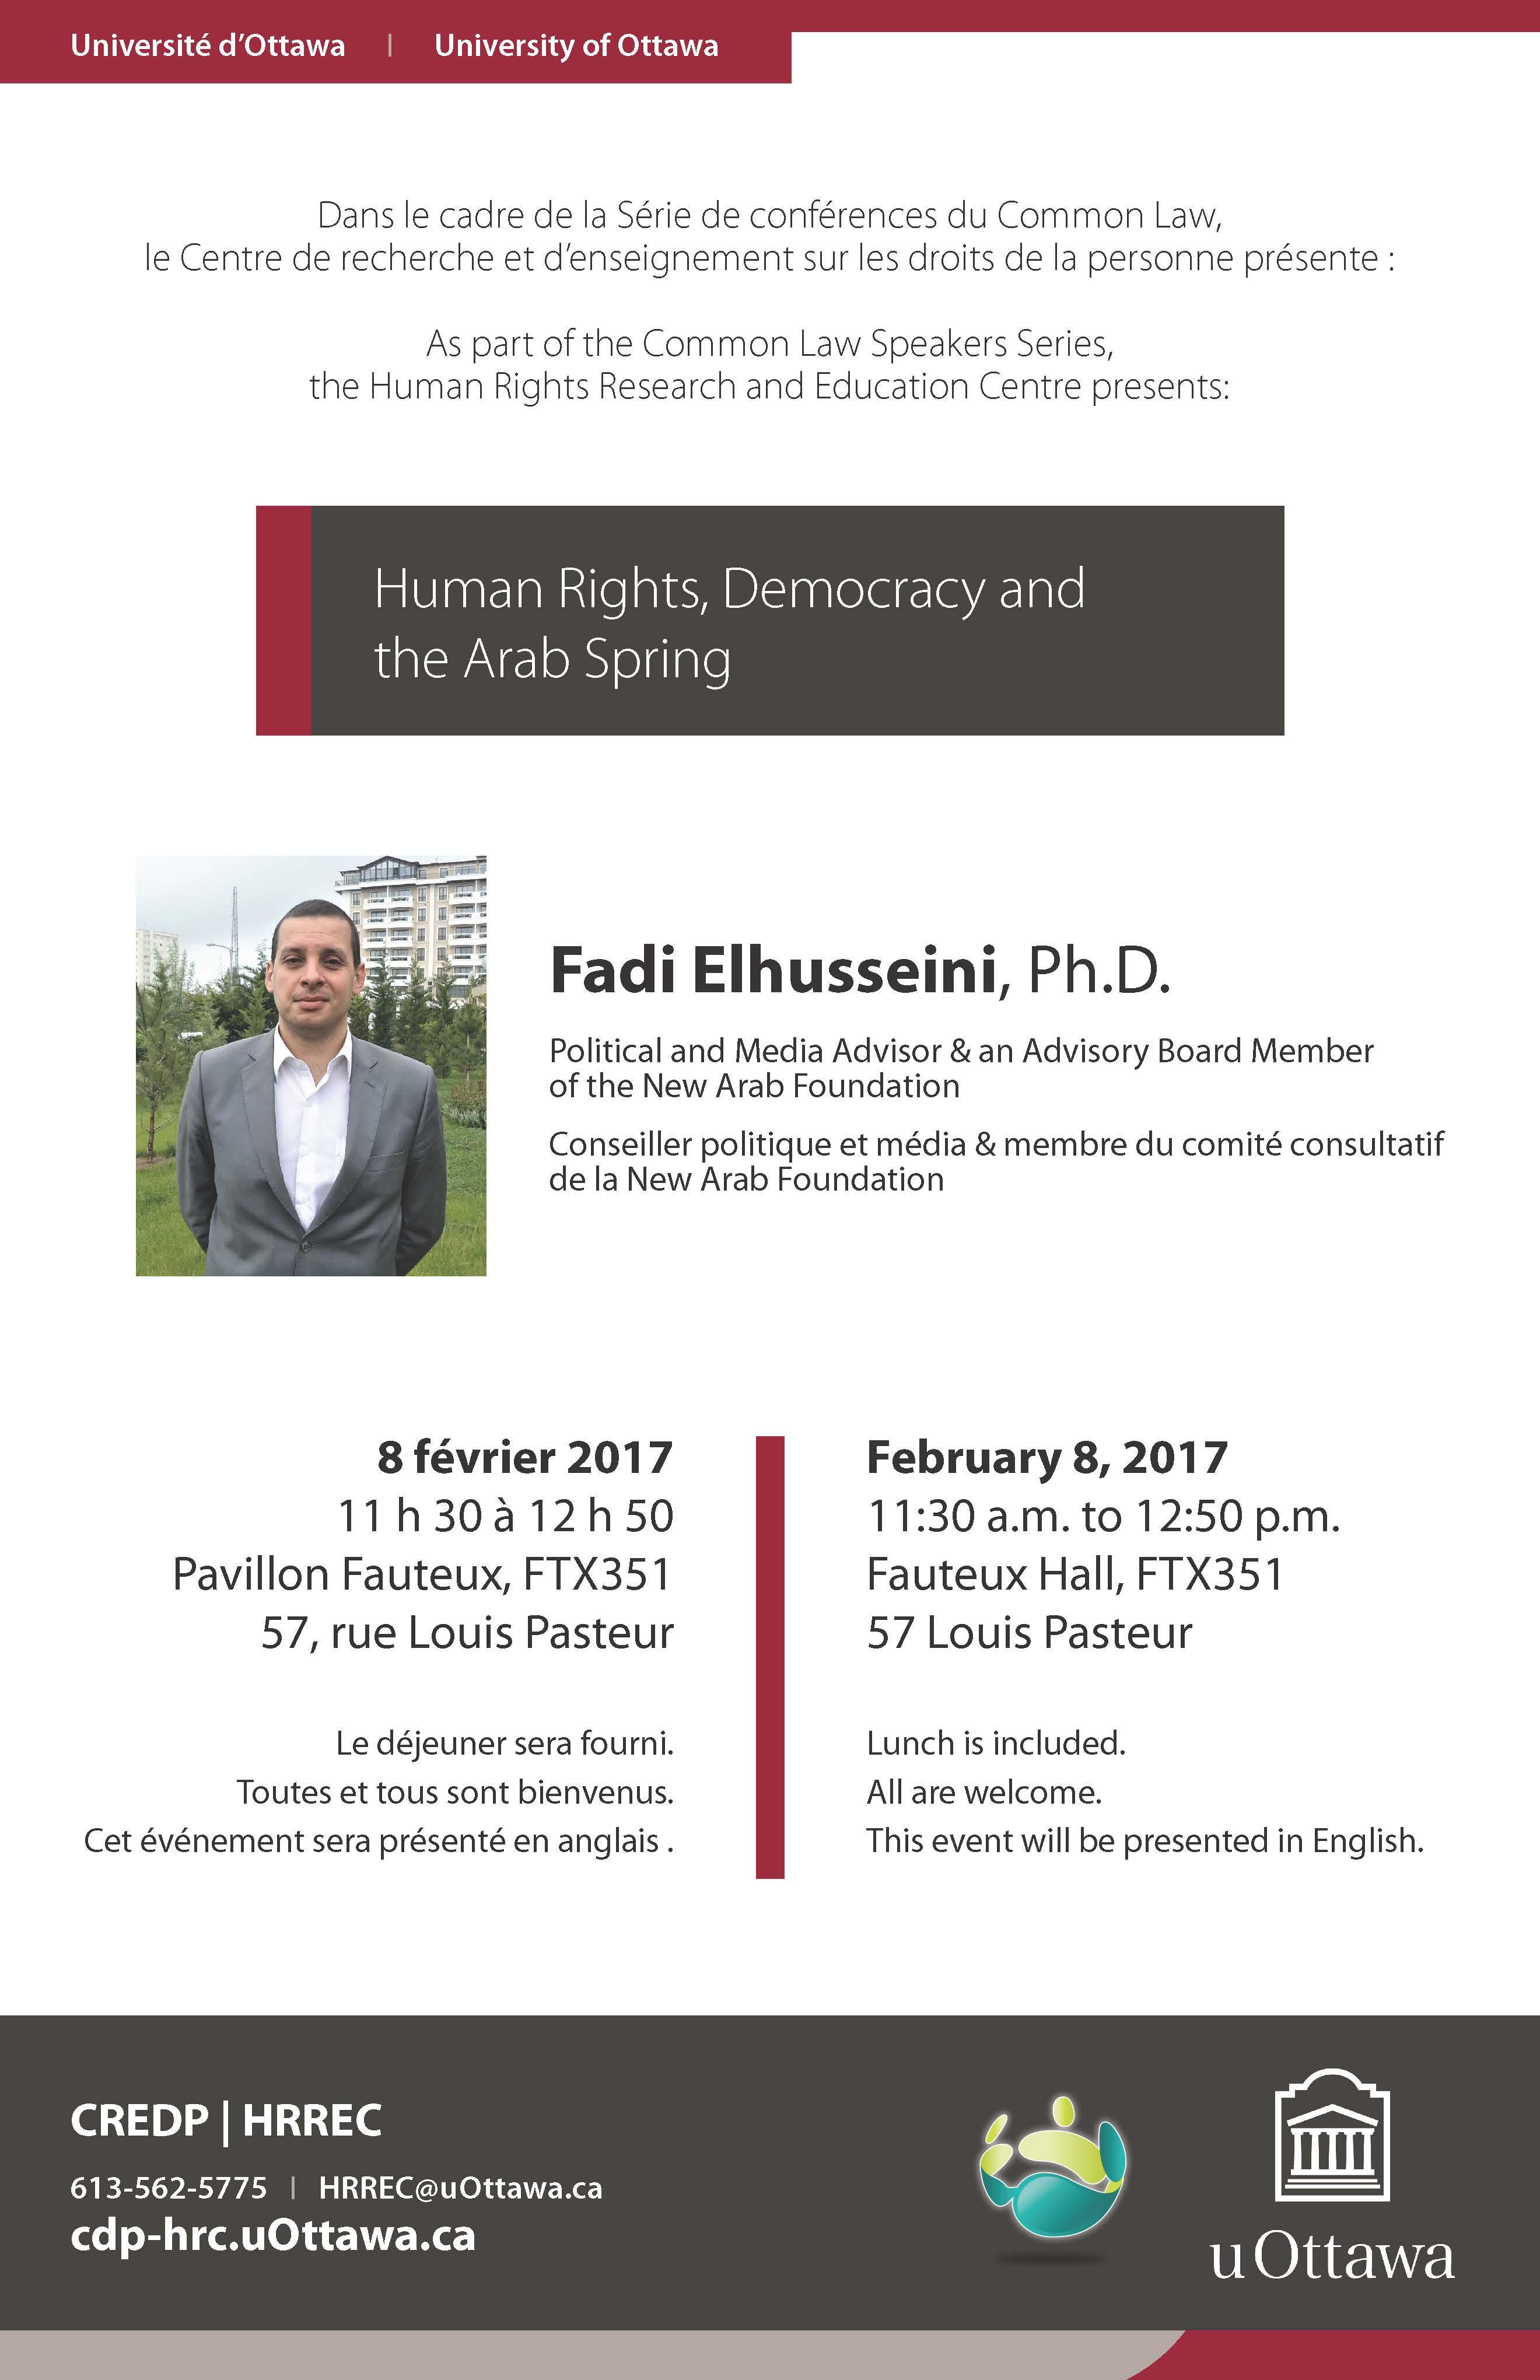 Human Rights, Democracy and the Arab Spring | Droits de la personne, démocracie et le Printemps Arabe